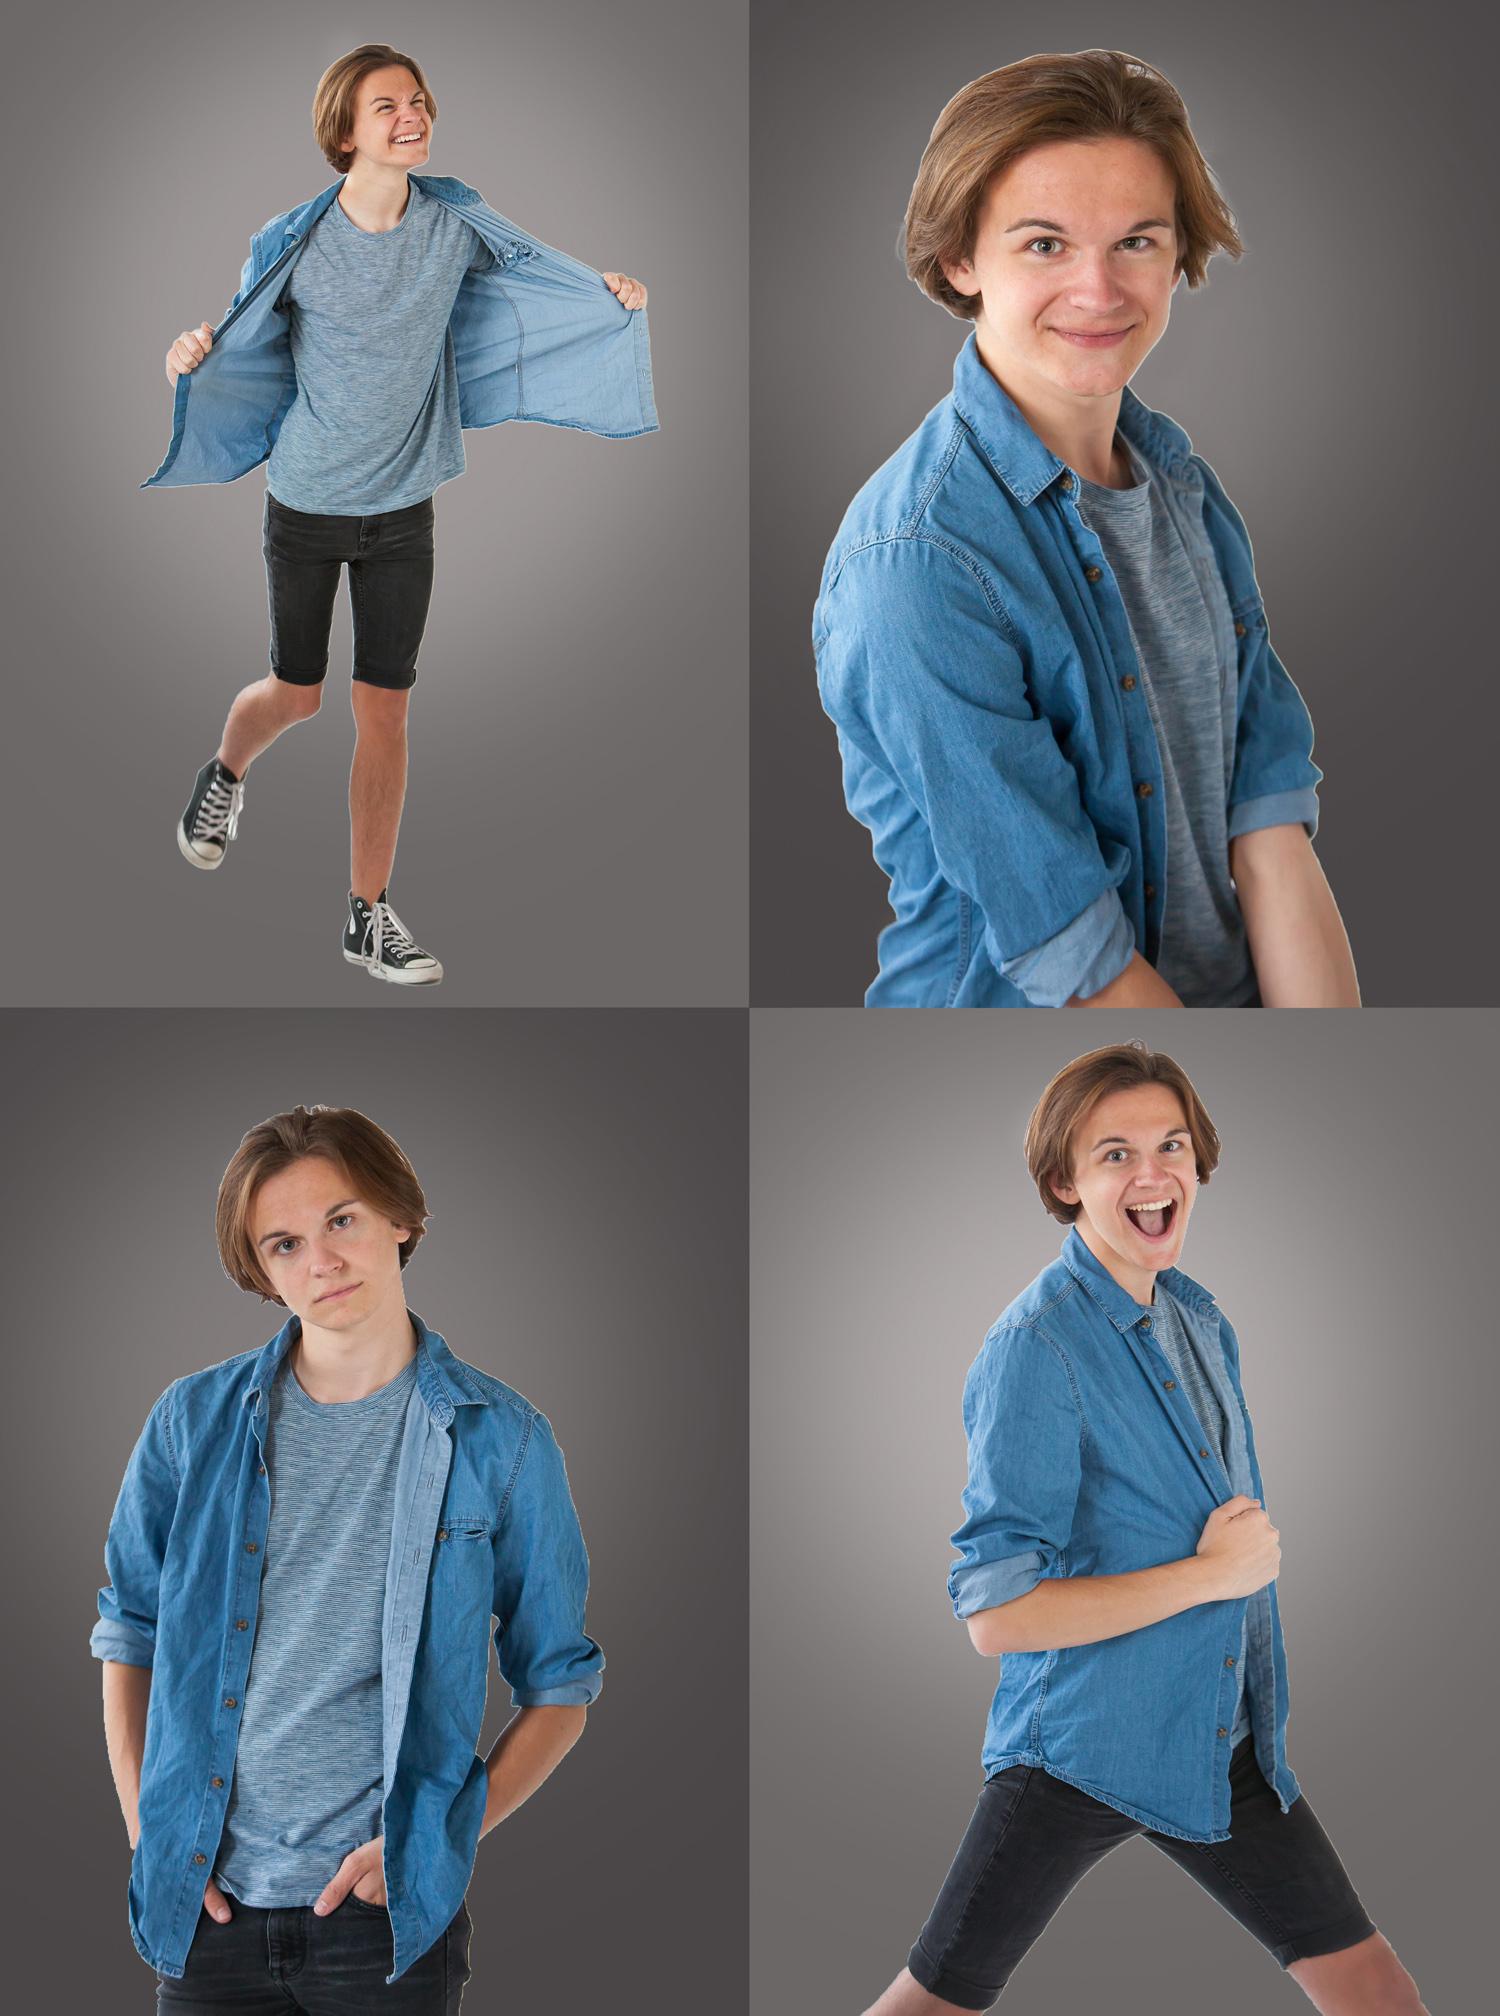 Playful senior pictures in Denver, photographer Jennifer Koskinen, Merritt Portrait Studio